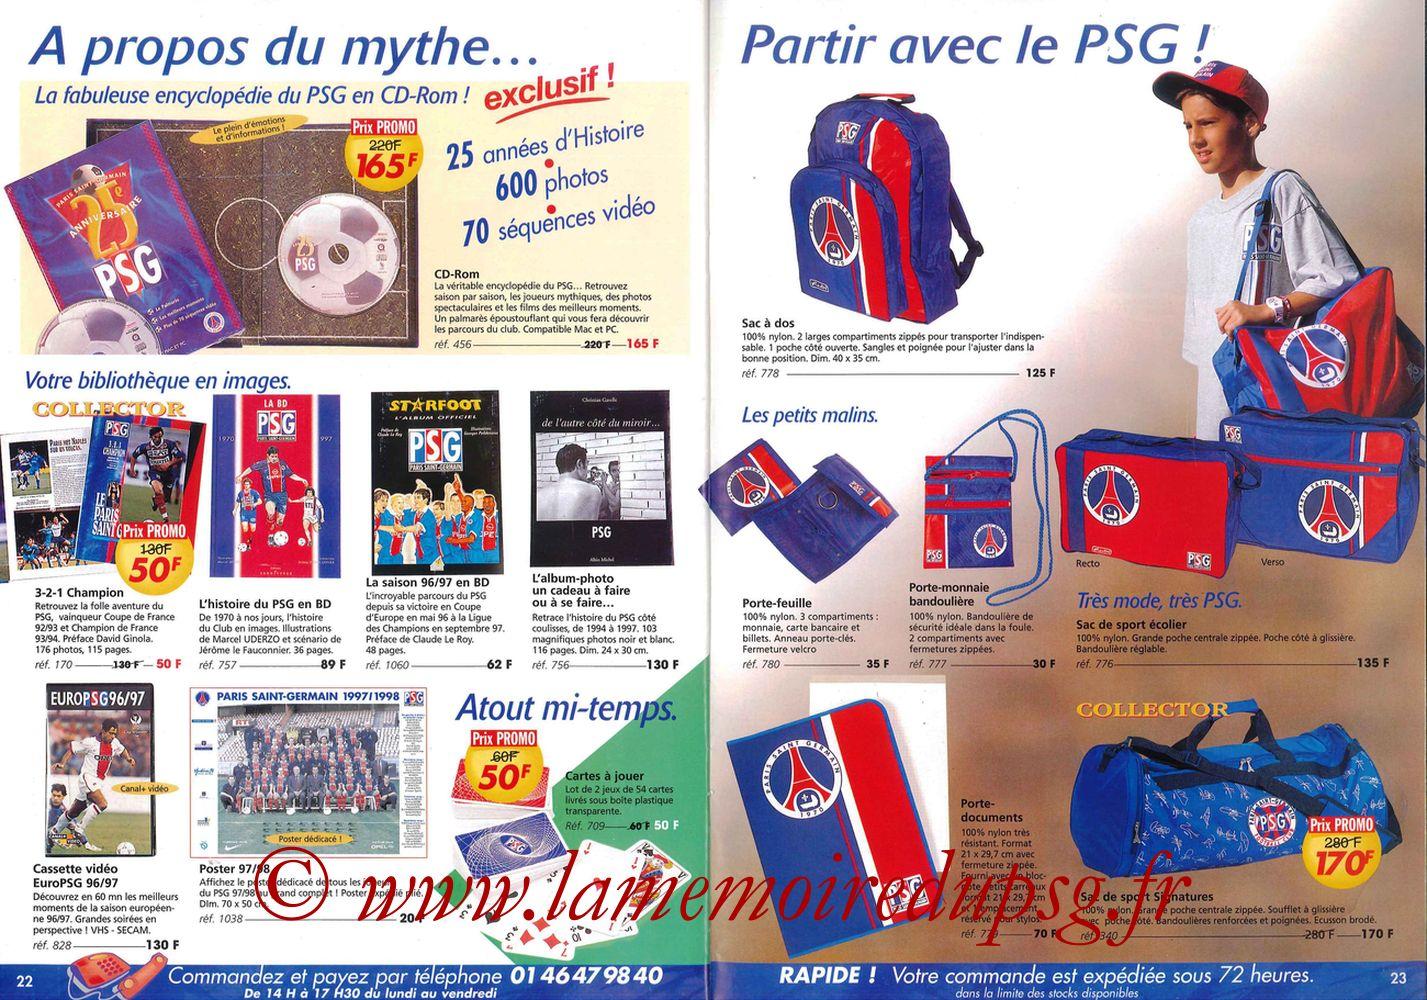 Catalogue PSG - 1997-98 - Pages 22 et 23